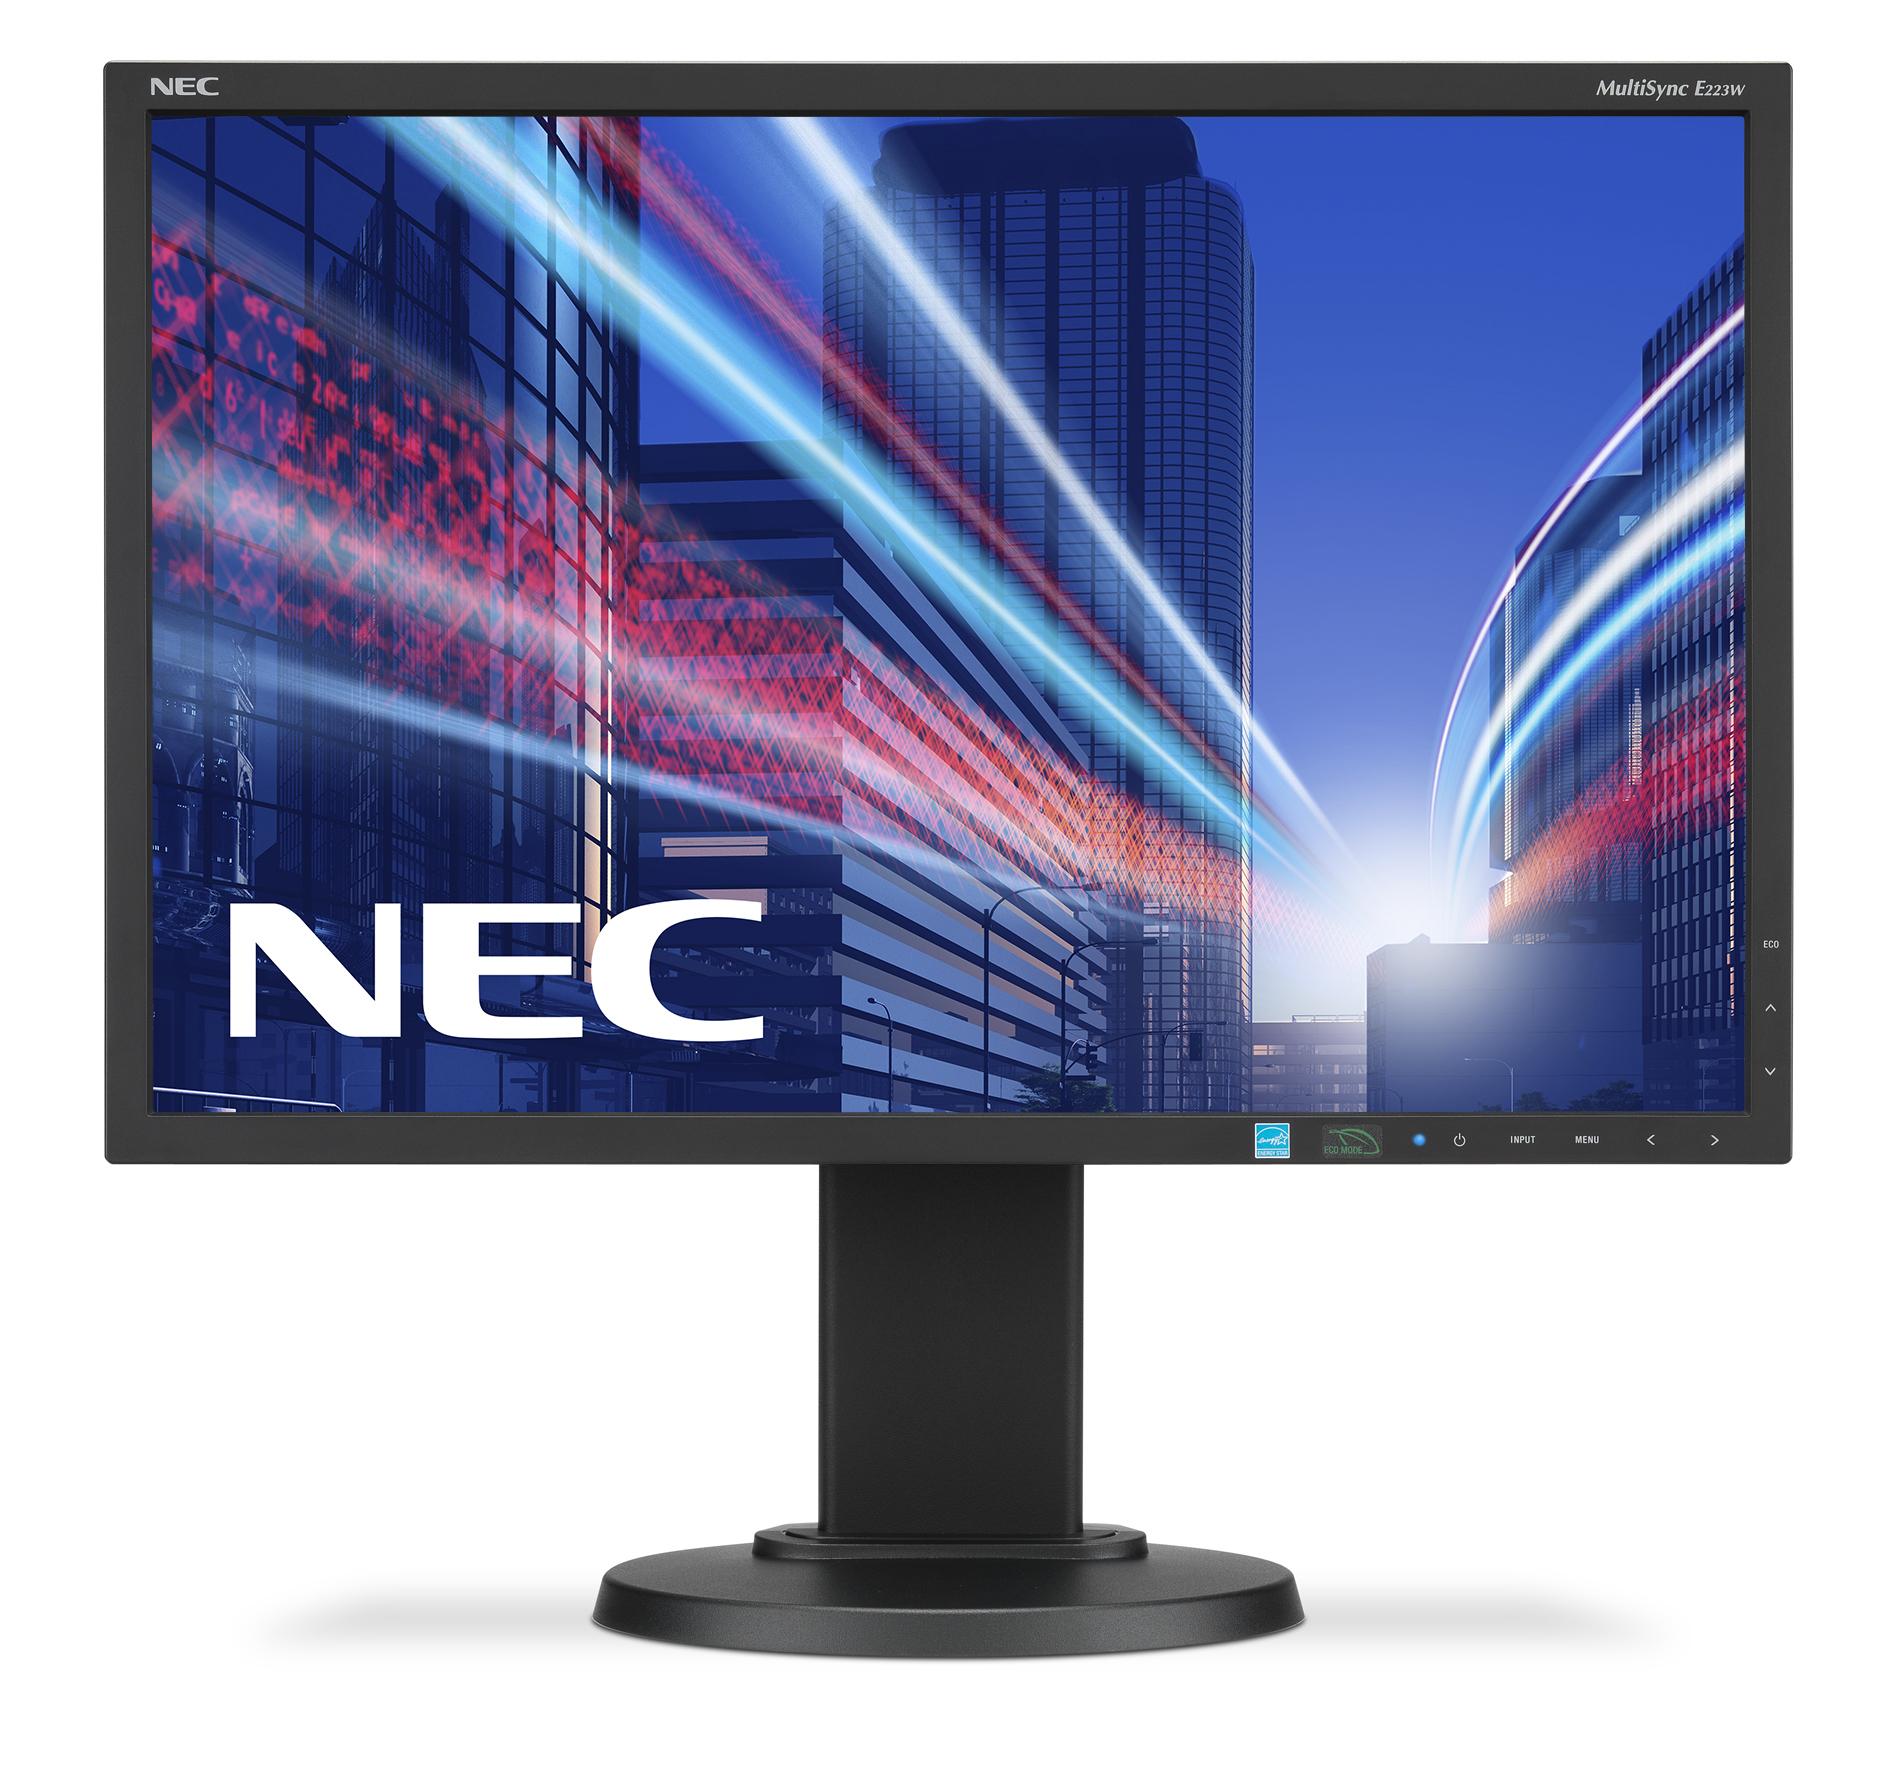 NEC MultiSync E223W 55.9 cm (22